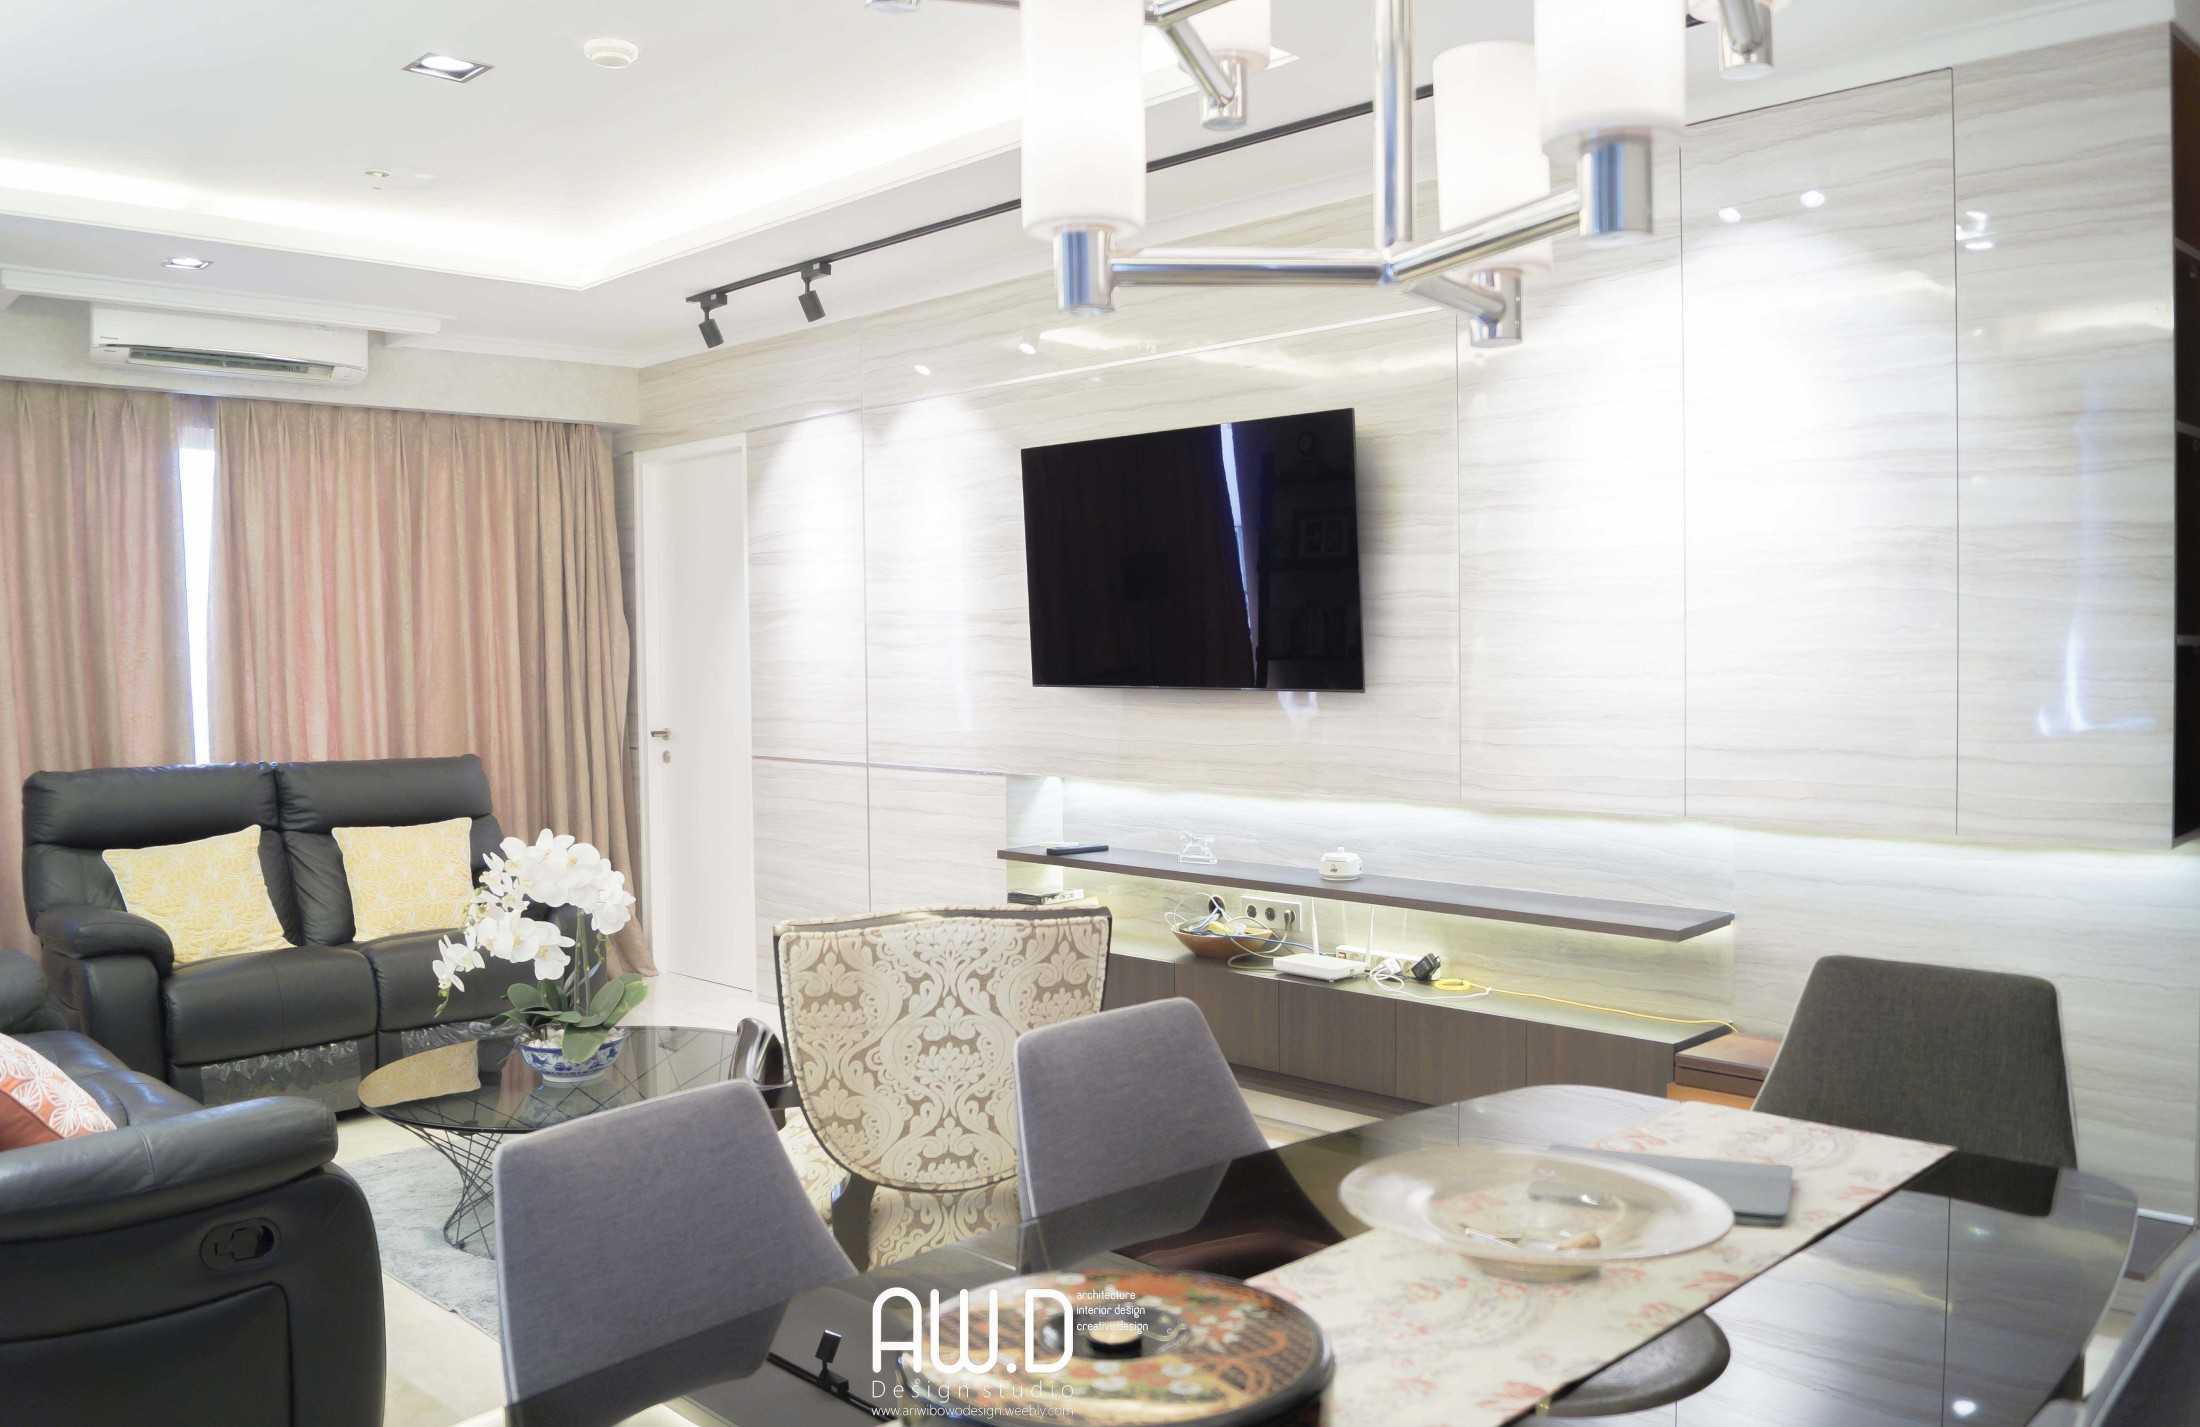 Ari Wibowo Design (Aw.d) Permata Hijau Residence (Phs) Jakarta Selatan, Kota Jakarta Selatan, Daerah Khusus Ibukota Jakarta, Indonesia Jakarta Selatan, Kota Jakarta Selatan, Daerah Khusus Ibukota Jakarta, Indonesia Ari-Wibowo-Design-Awd-Permata-Hijau-Residence-Phs Modern 58871